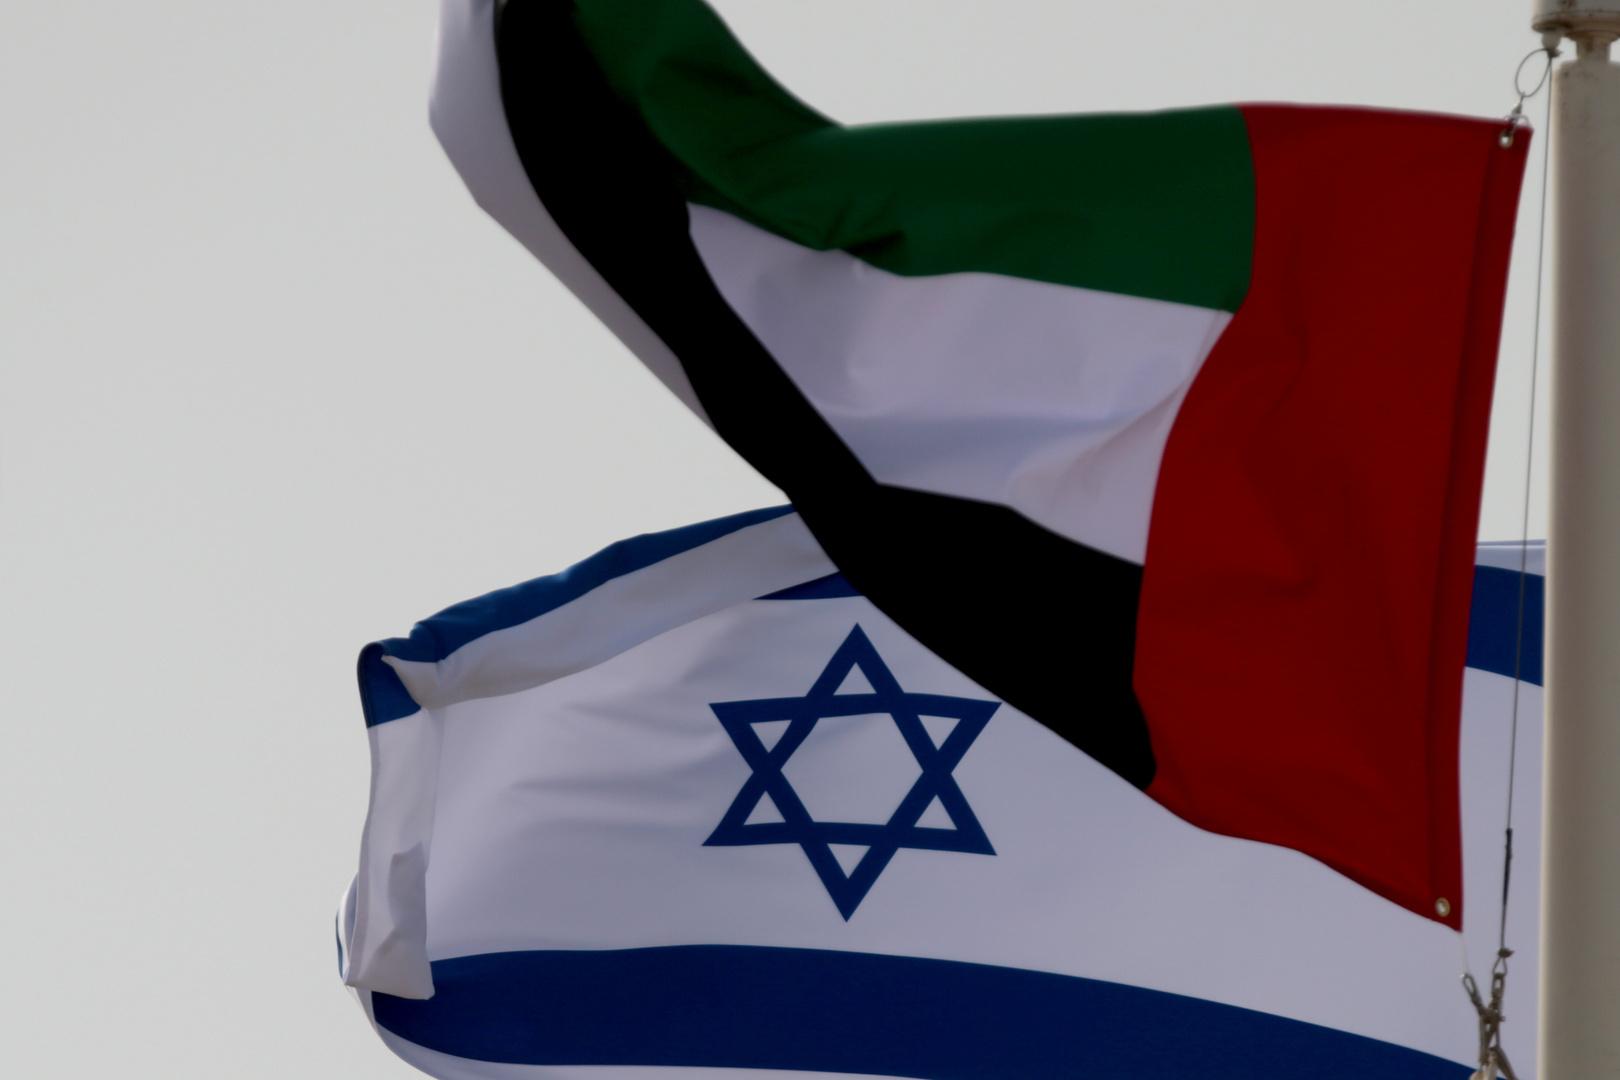 شركة علمية إسرائيلية رائدة عالميا تفتتح مركزا ضخما في دبي